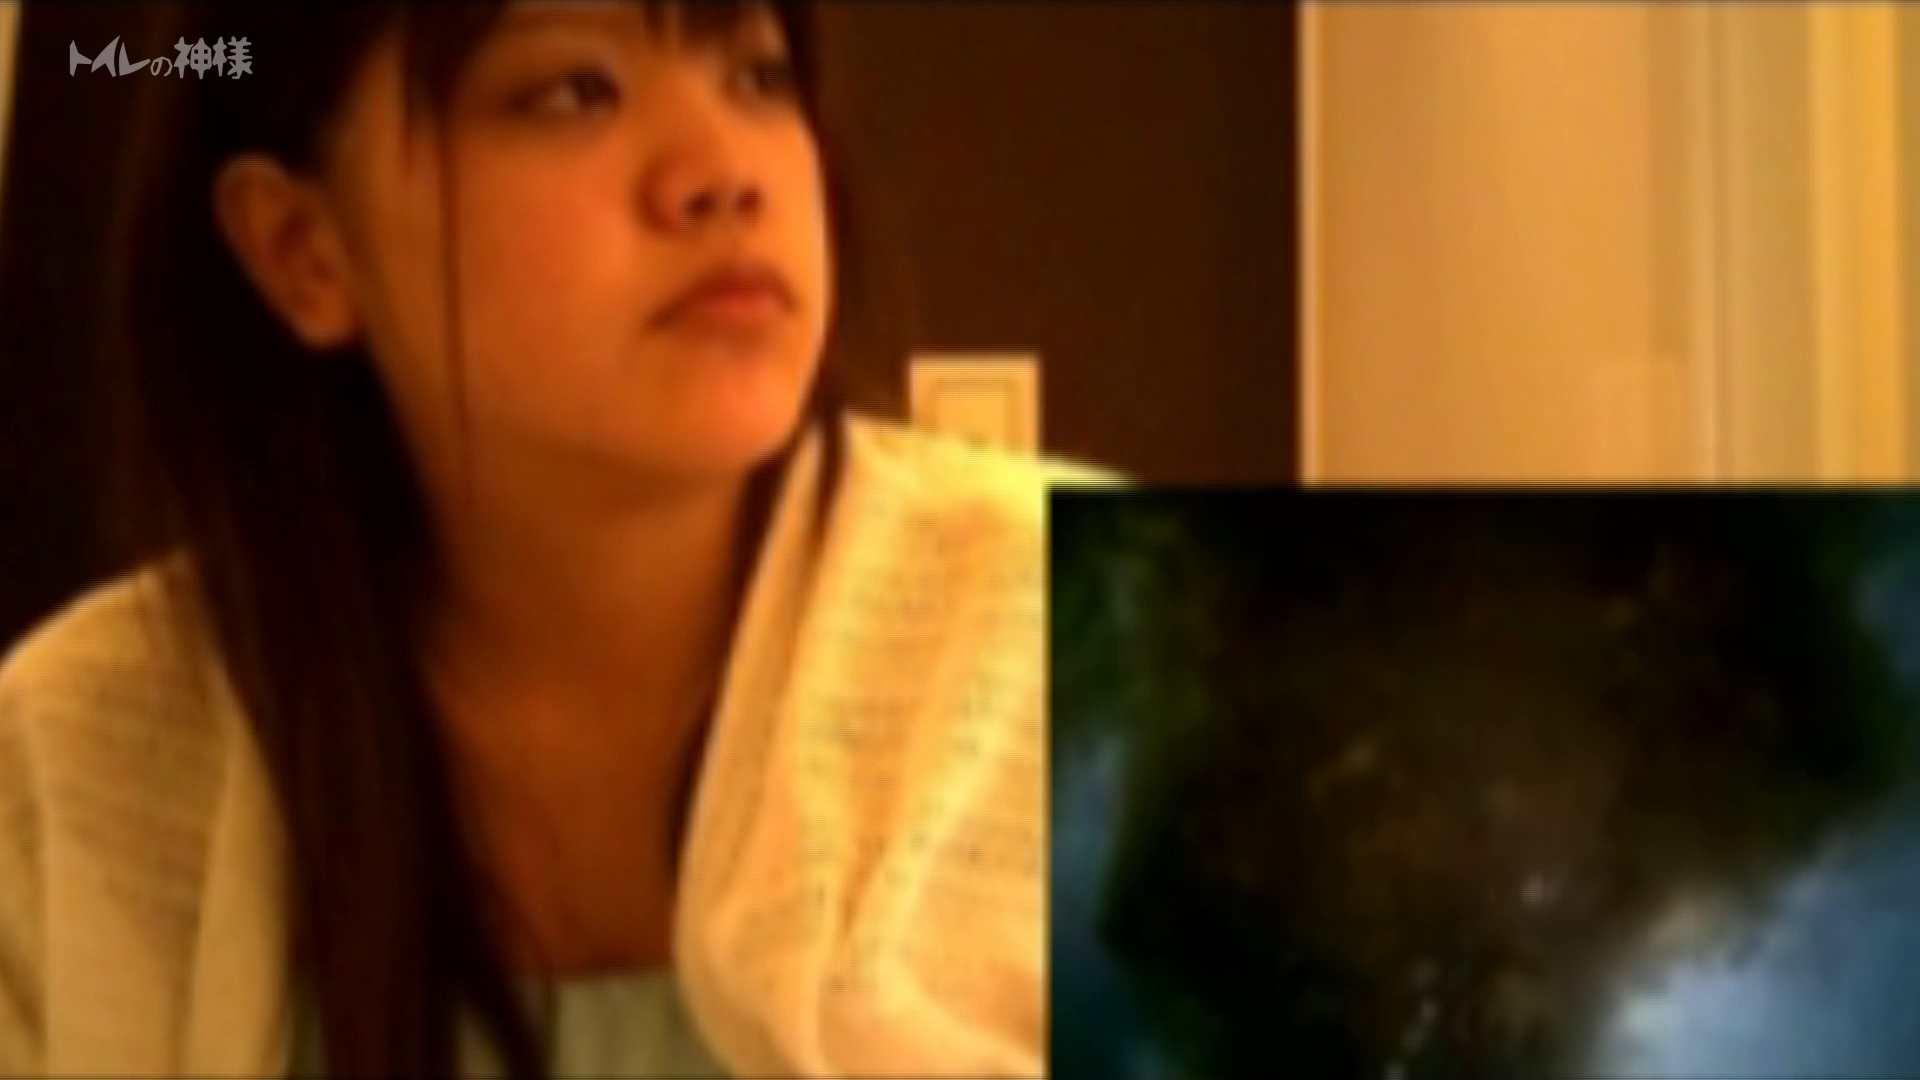 トイレの神様 Vol.03 彼女のうんち隠し撮り ギャル達   トイレ盗撮  111枚 106